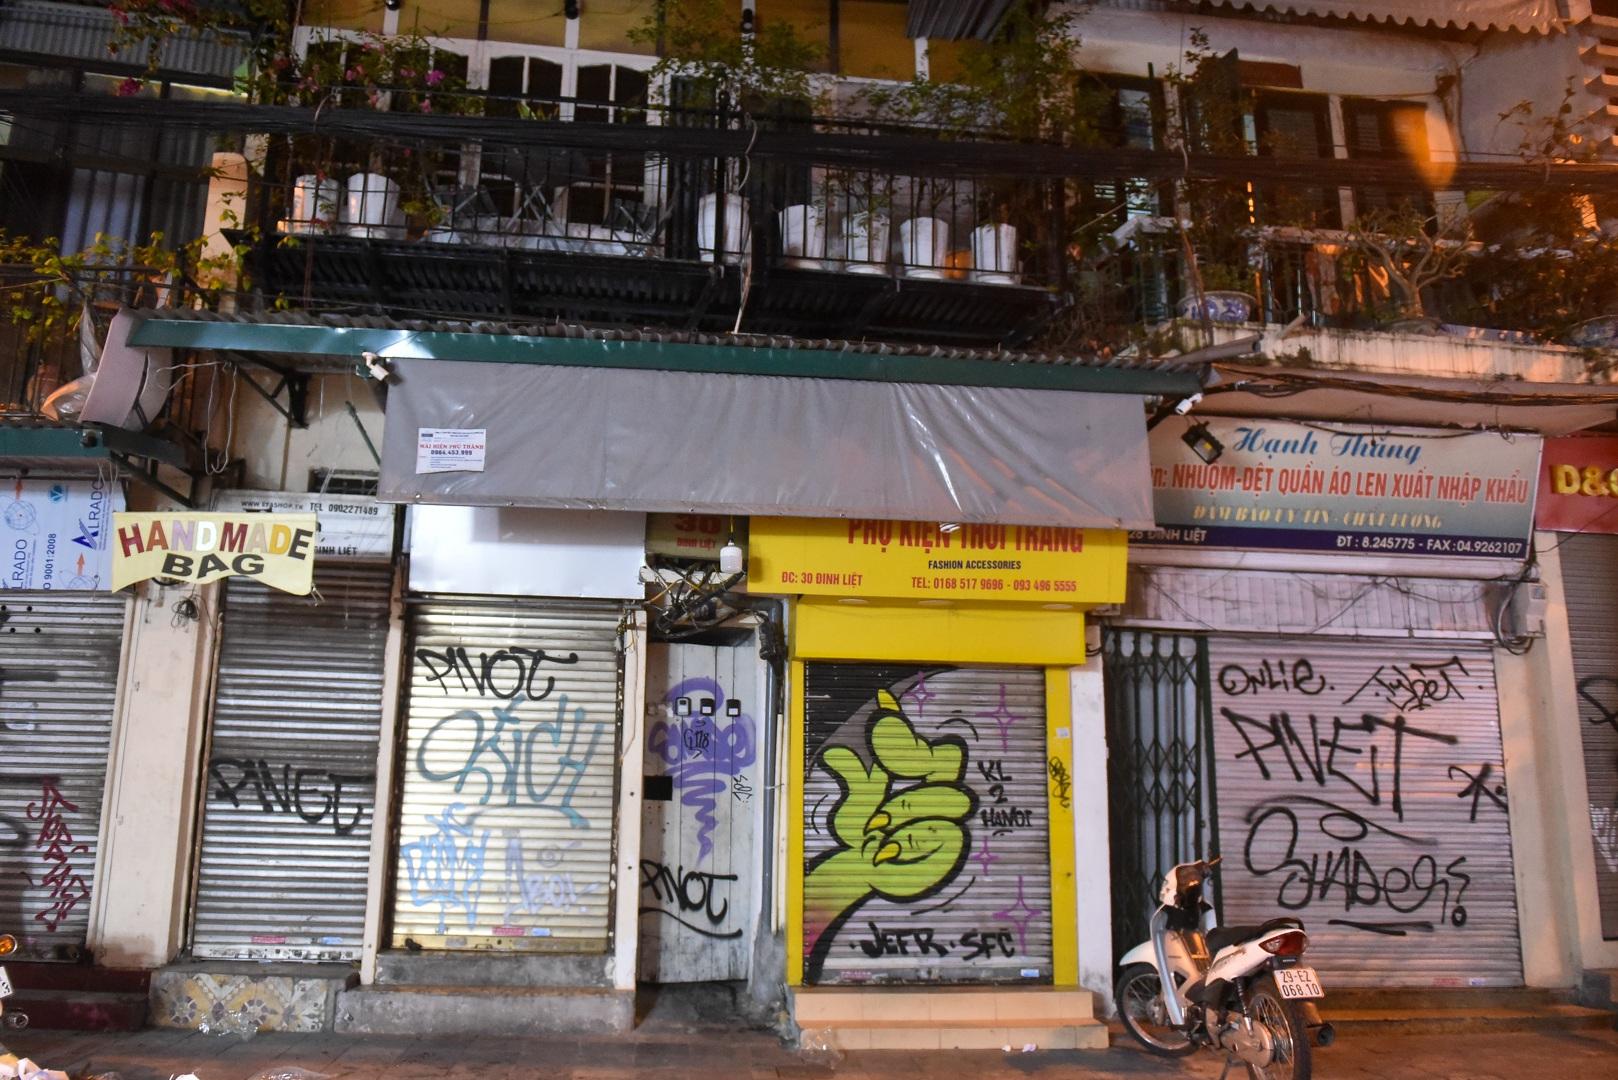 Hàng quán phố cổ thi nhau sang nhượng, đến Tạ Hiện cũng chung cảnh đìu hiu - 12